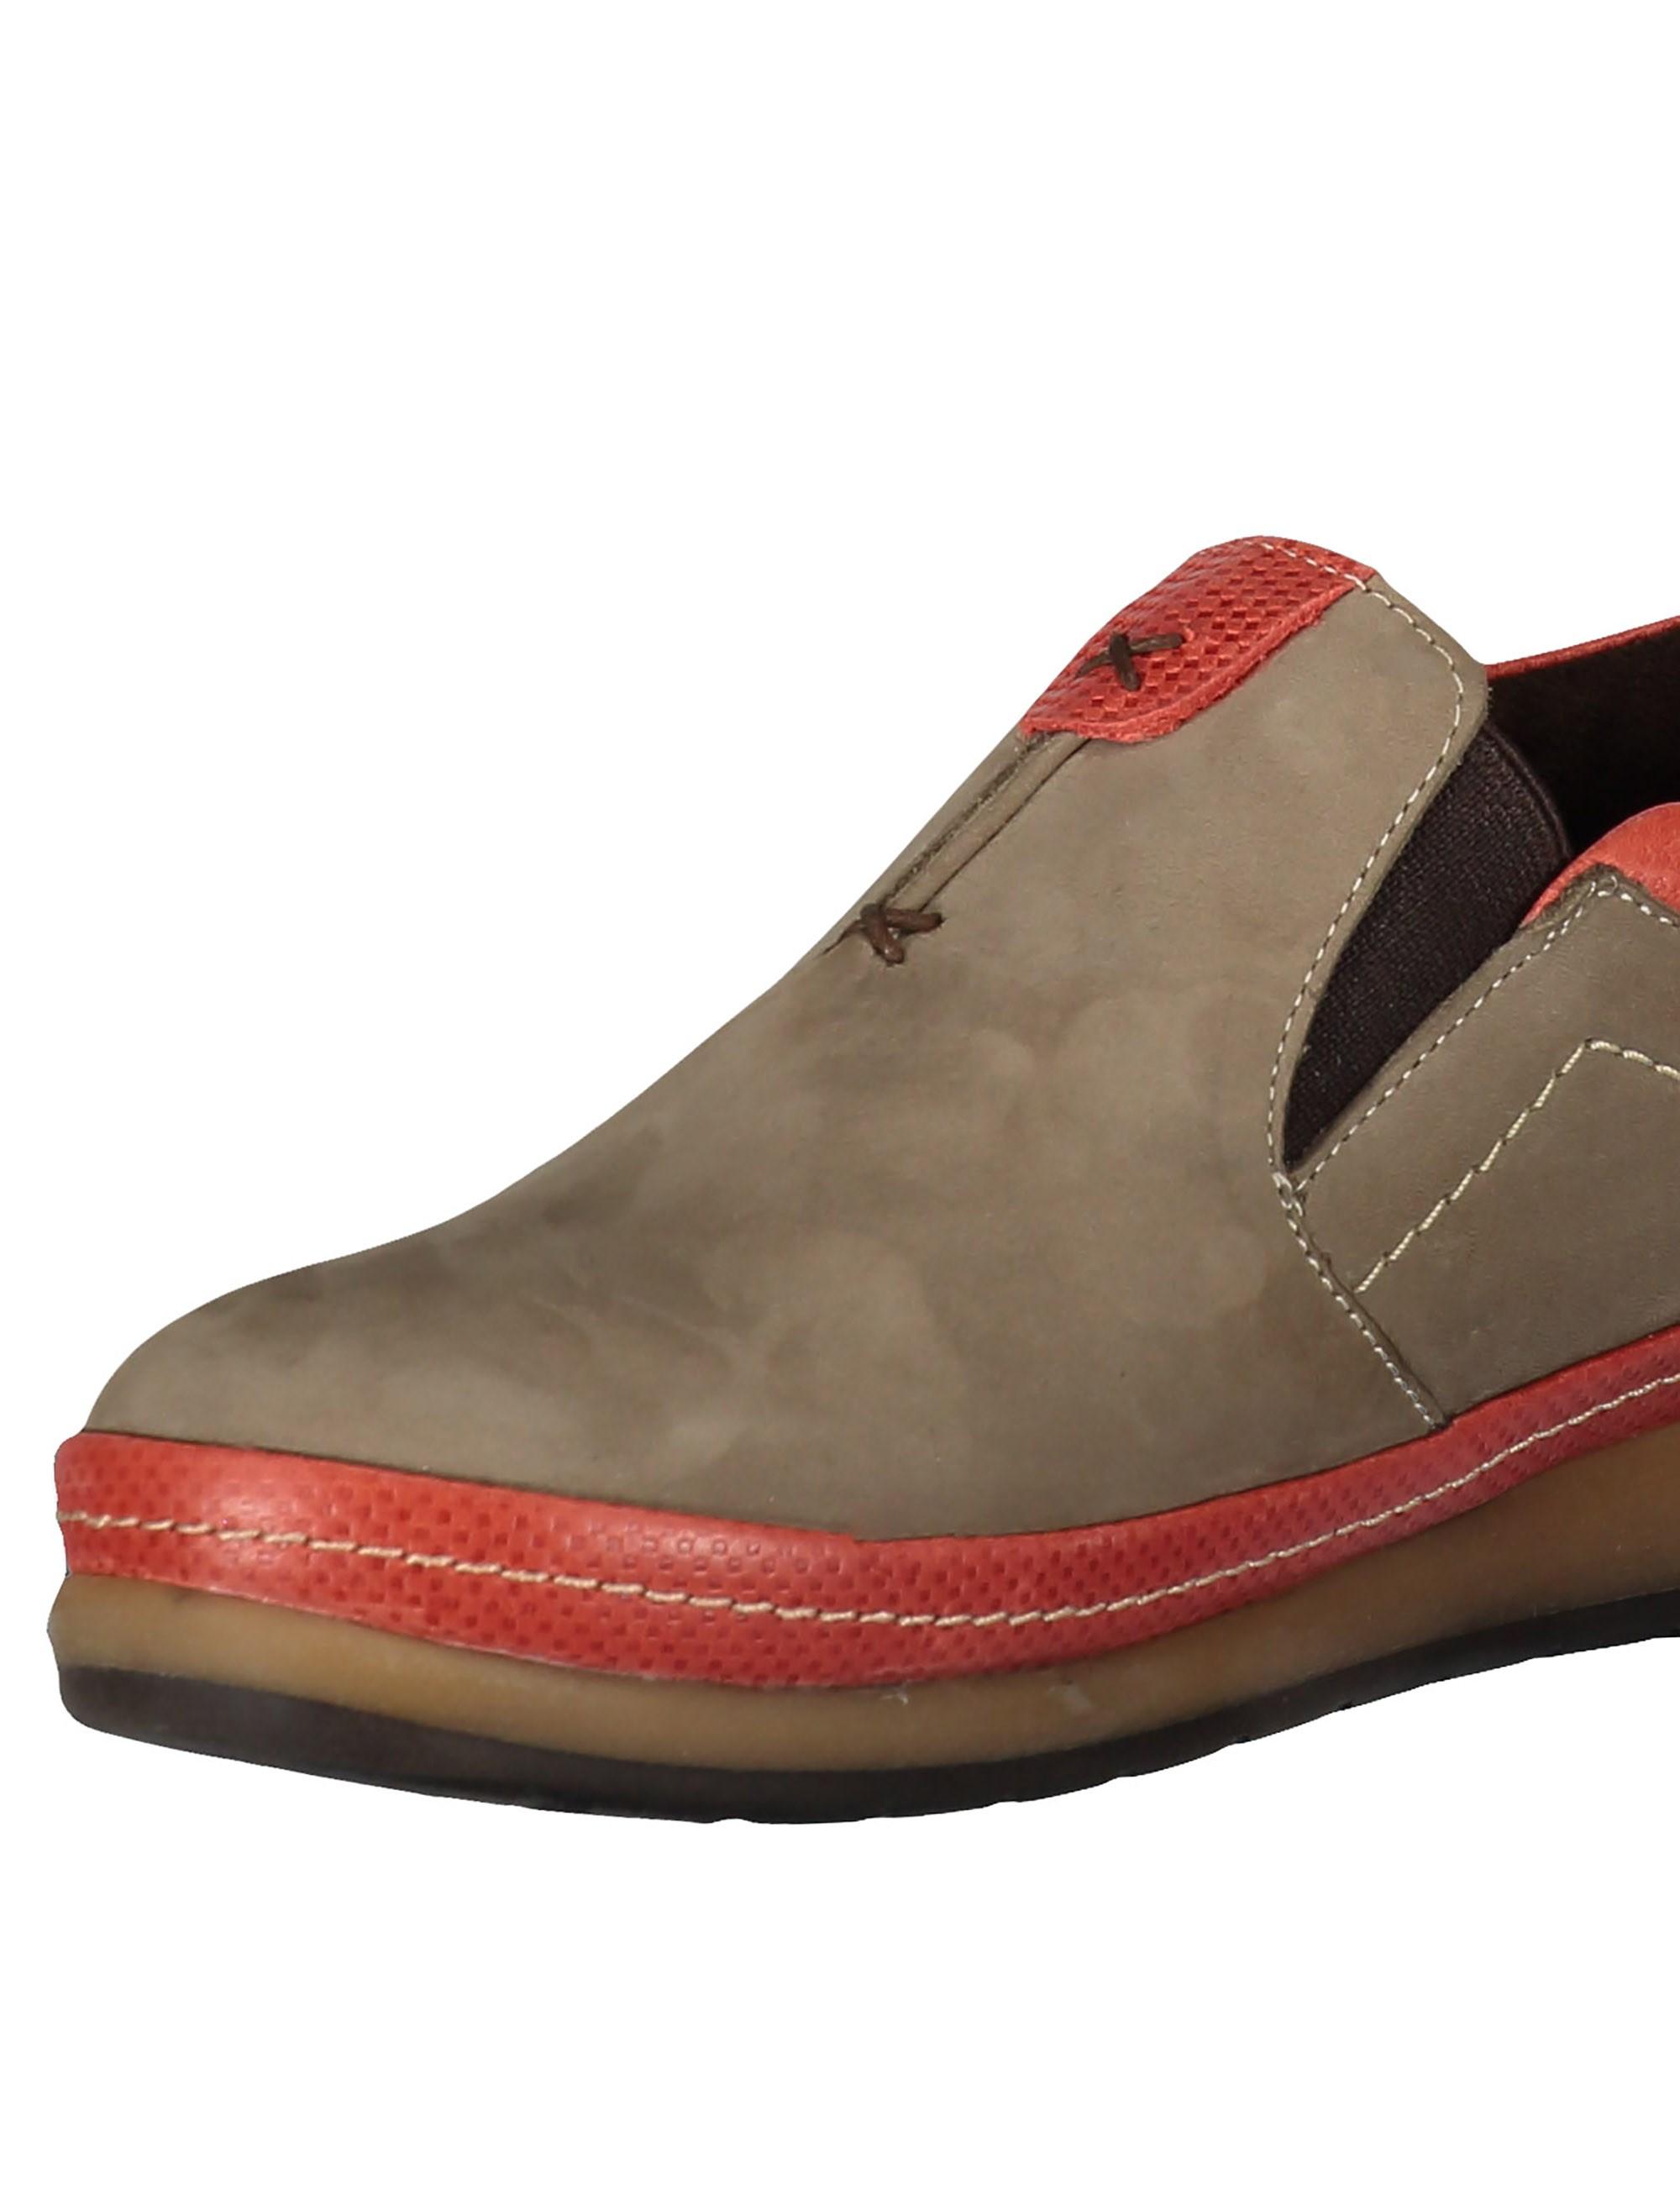 کفش تخت جیر زنانه - شهر چرم - خاکي و قرمز - 5